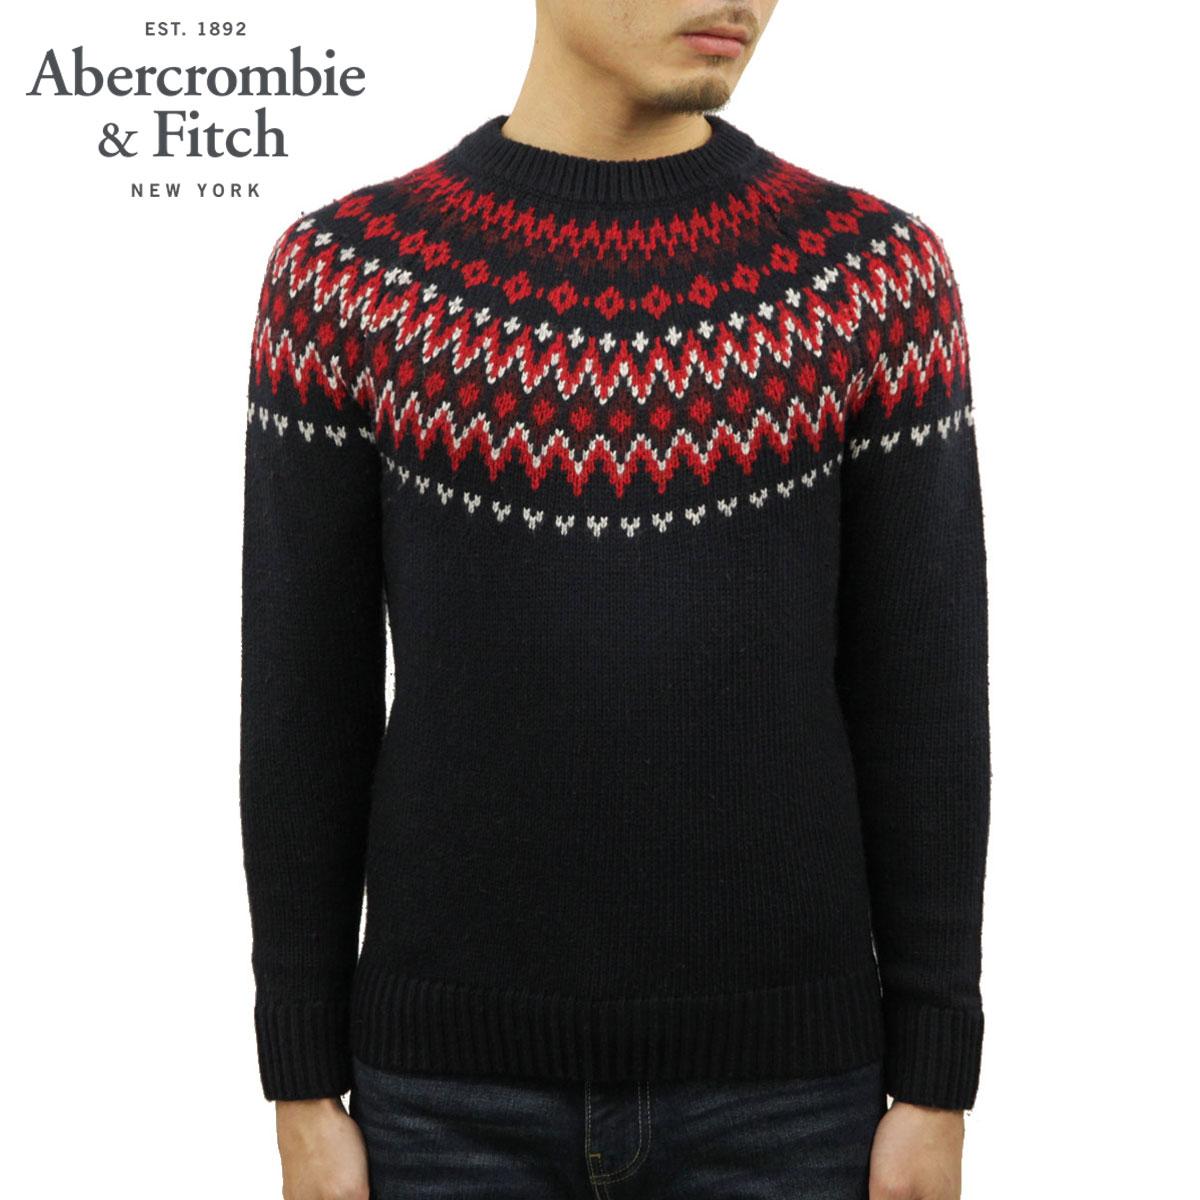 アバクロ セーター メンズ 正規品 Abercrombie&Fitch クルーネックセーター FAIR ISLE CREWNECK SWEATER 120-201-1664-203 A02B B1C C1D D7E E06F